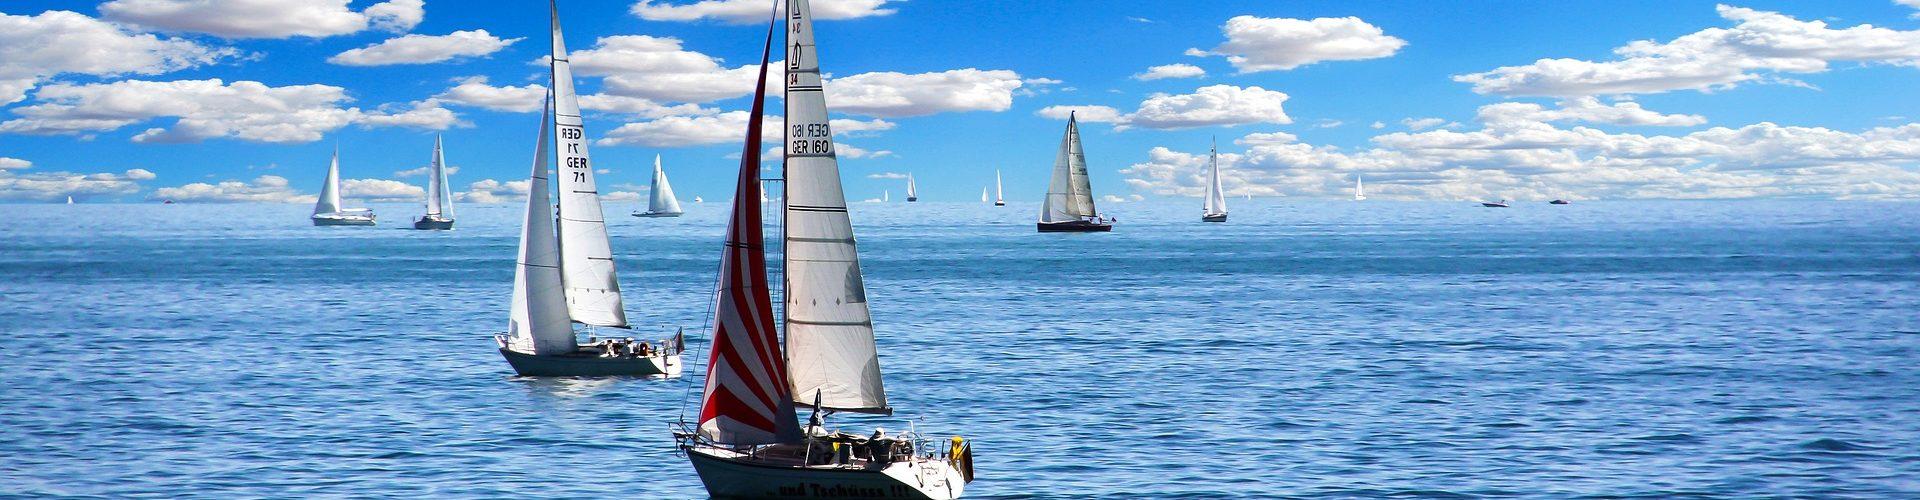 segeln lernen in Peiting segelschein machen in Peiting 1920x500 - Segeln lernen in Peiting